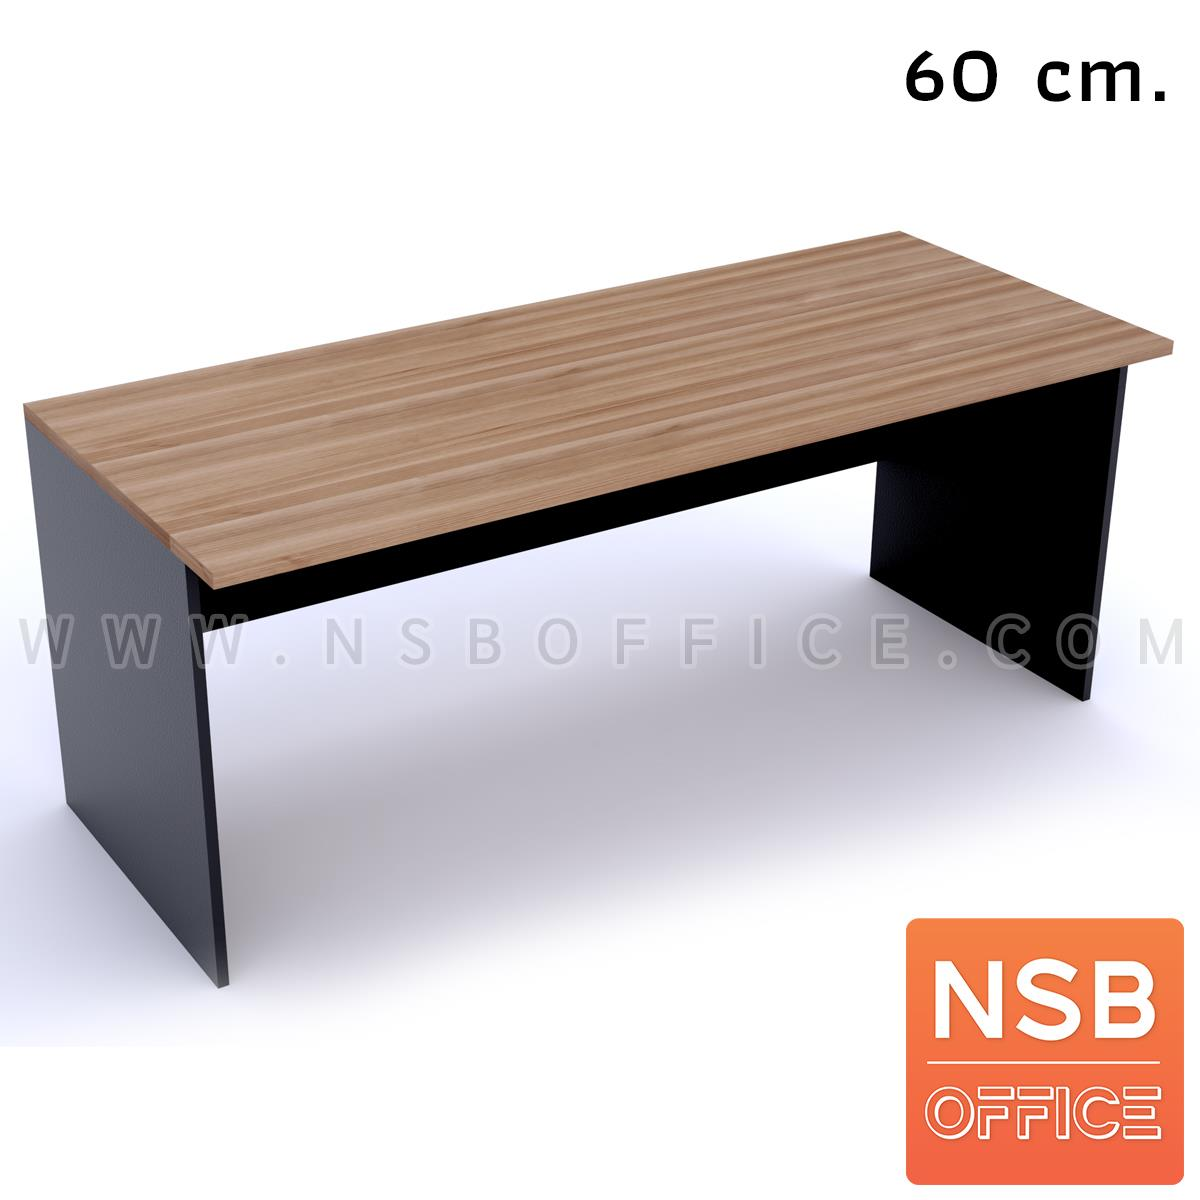 A05A001:โต๊ะประชุมหน้าตรง 60D cm.  ขนาด 80W ,120W ,150W ,180W ,210W cm. เมลามีน